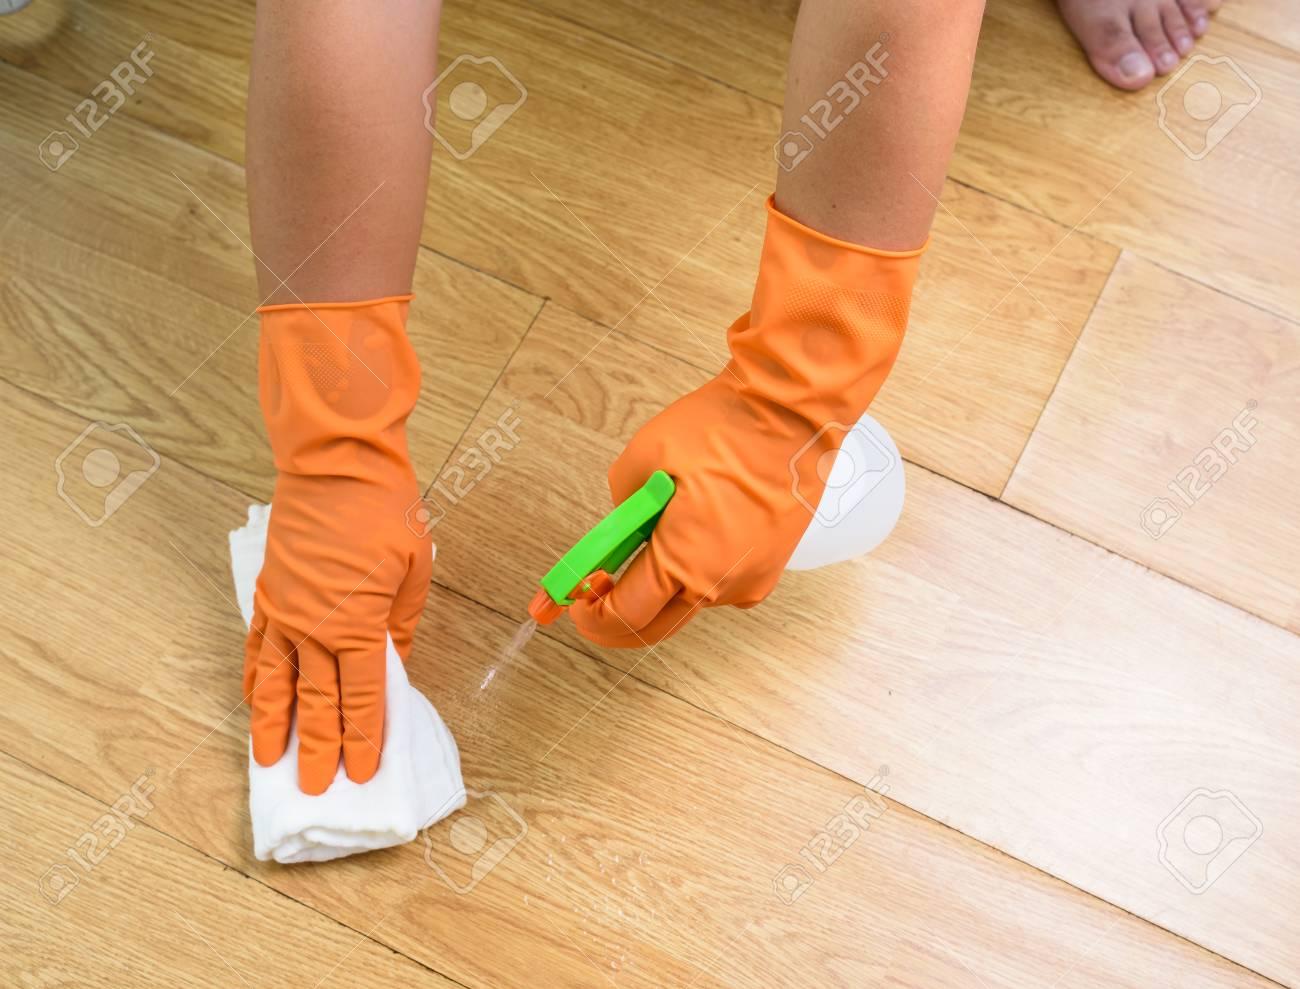 Holzfußboden Reinigen ~ Hand in handschuhe reinigung holzboden mit lappen und reiniger spray